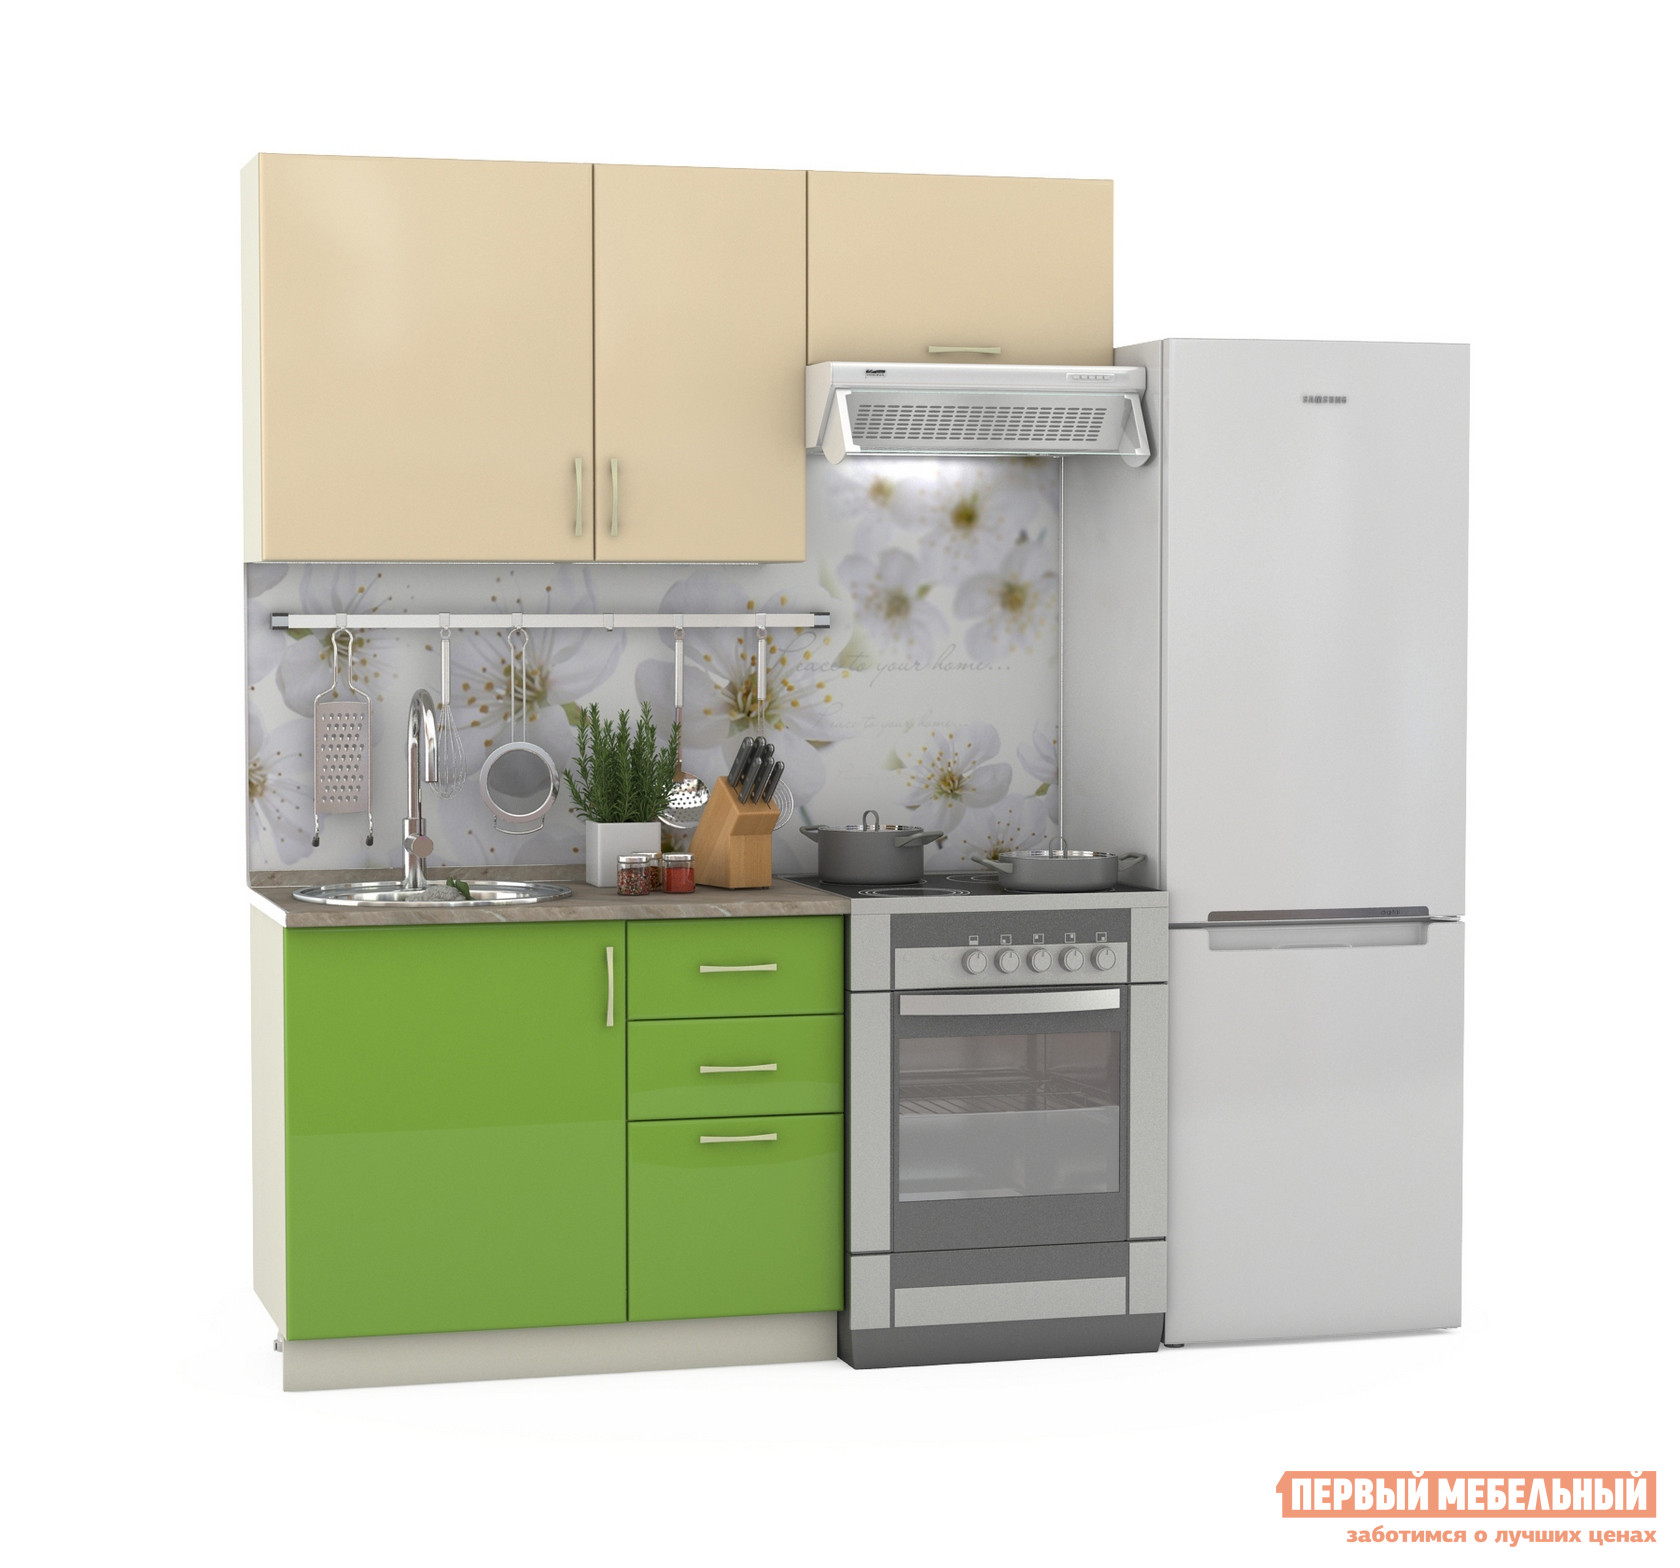 Кухонный гарнитур Бит и Байт Сандра-2 160 см кухонный гарнитур трия фэнтези 120 см